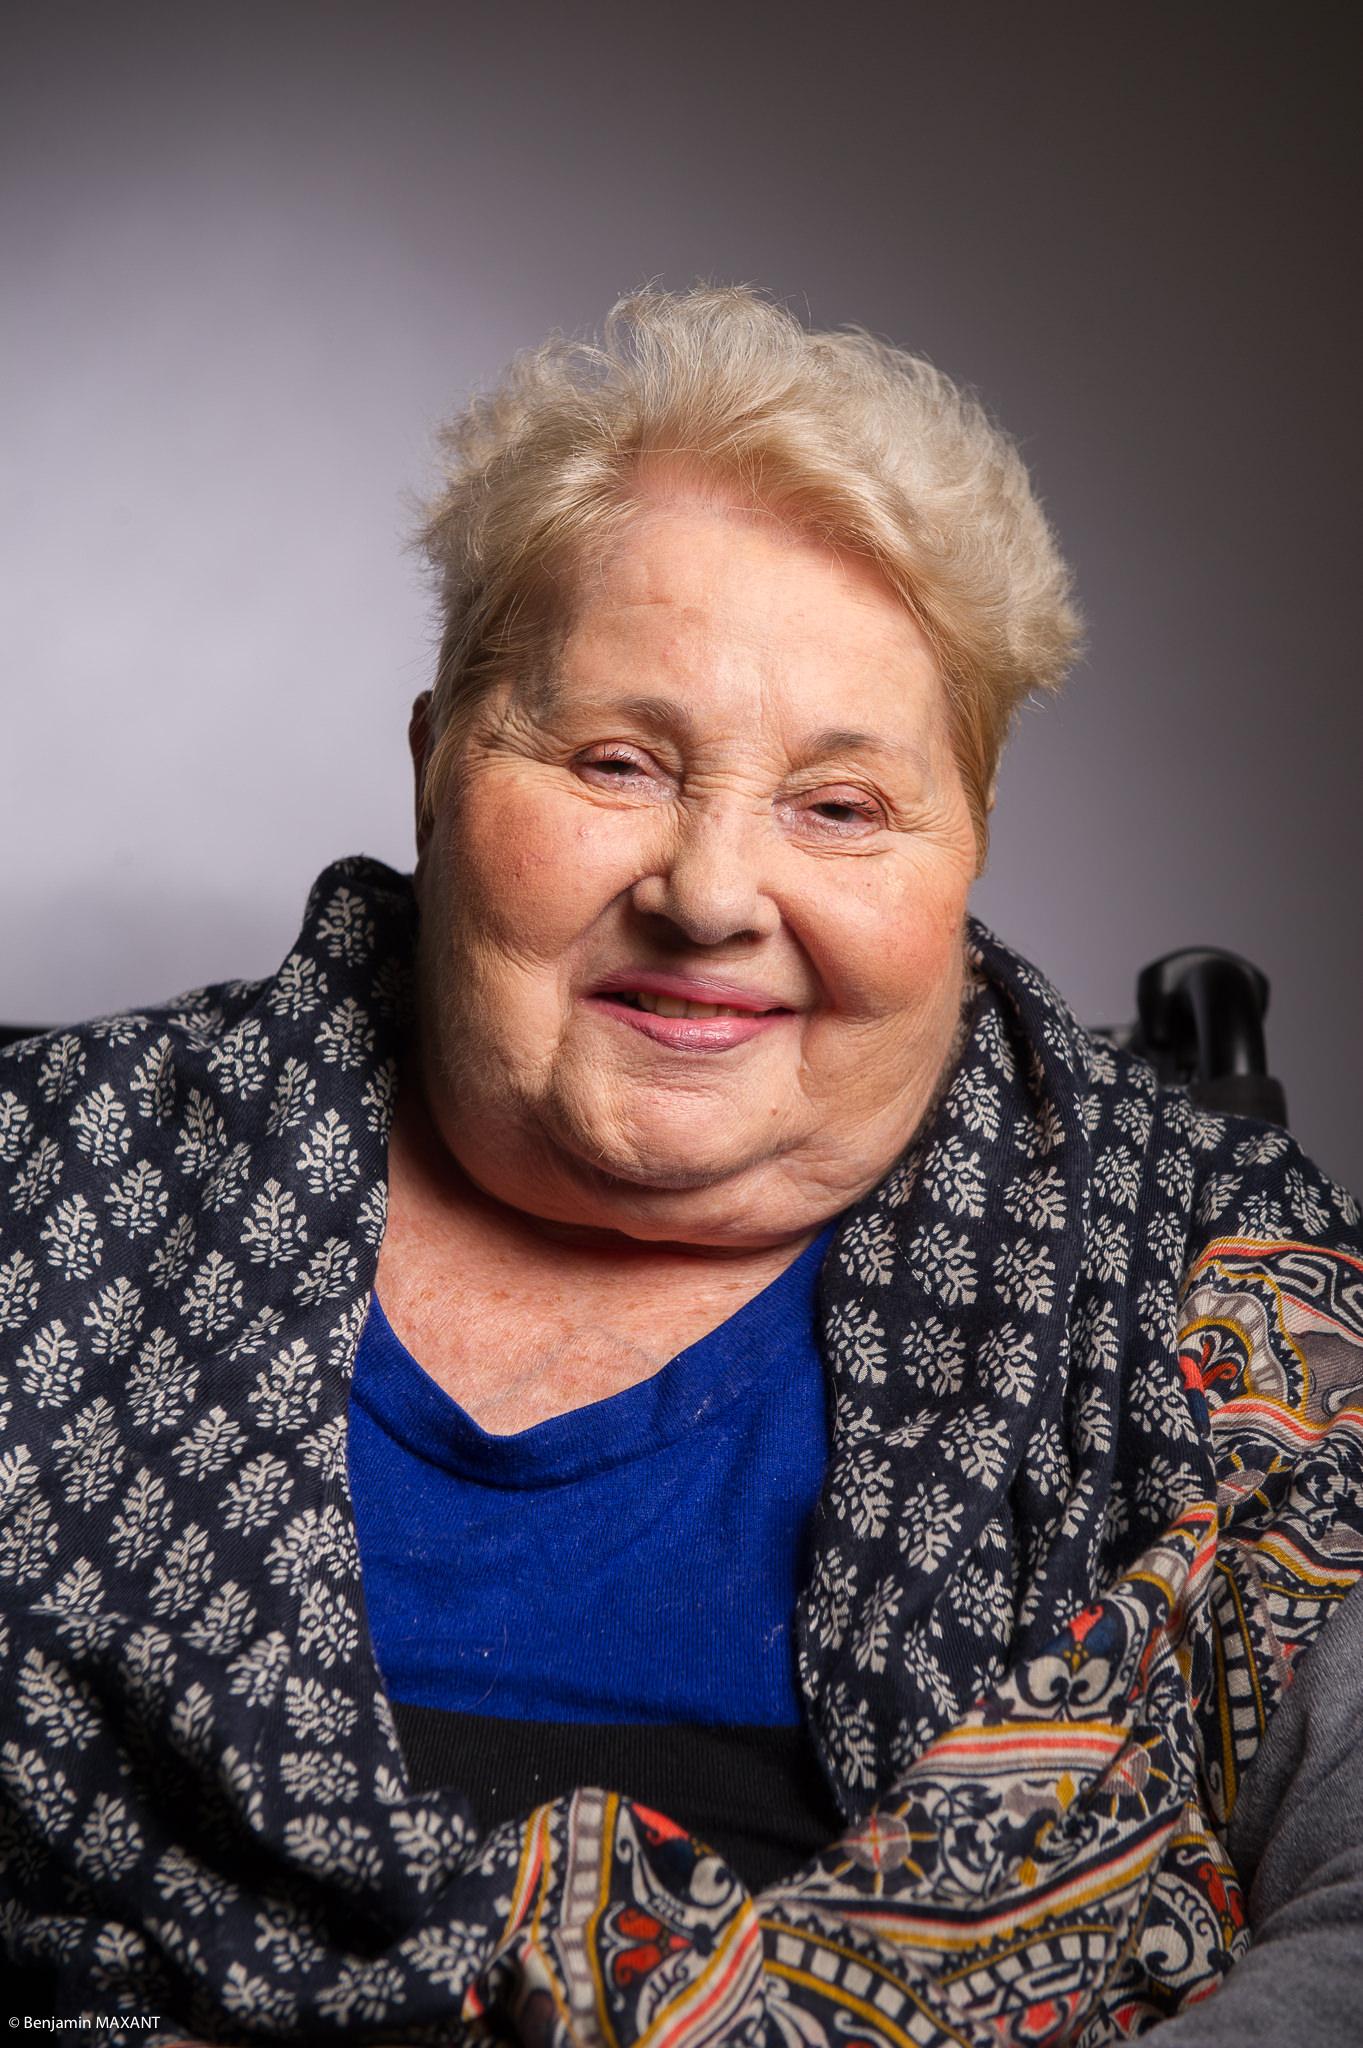 Portrait studio d'une personne âgée - femme haut bleu